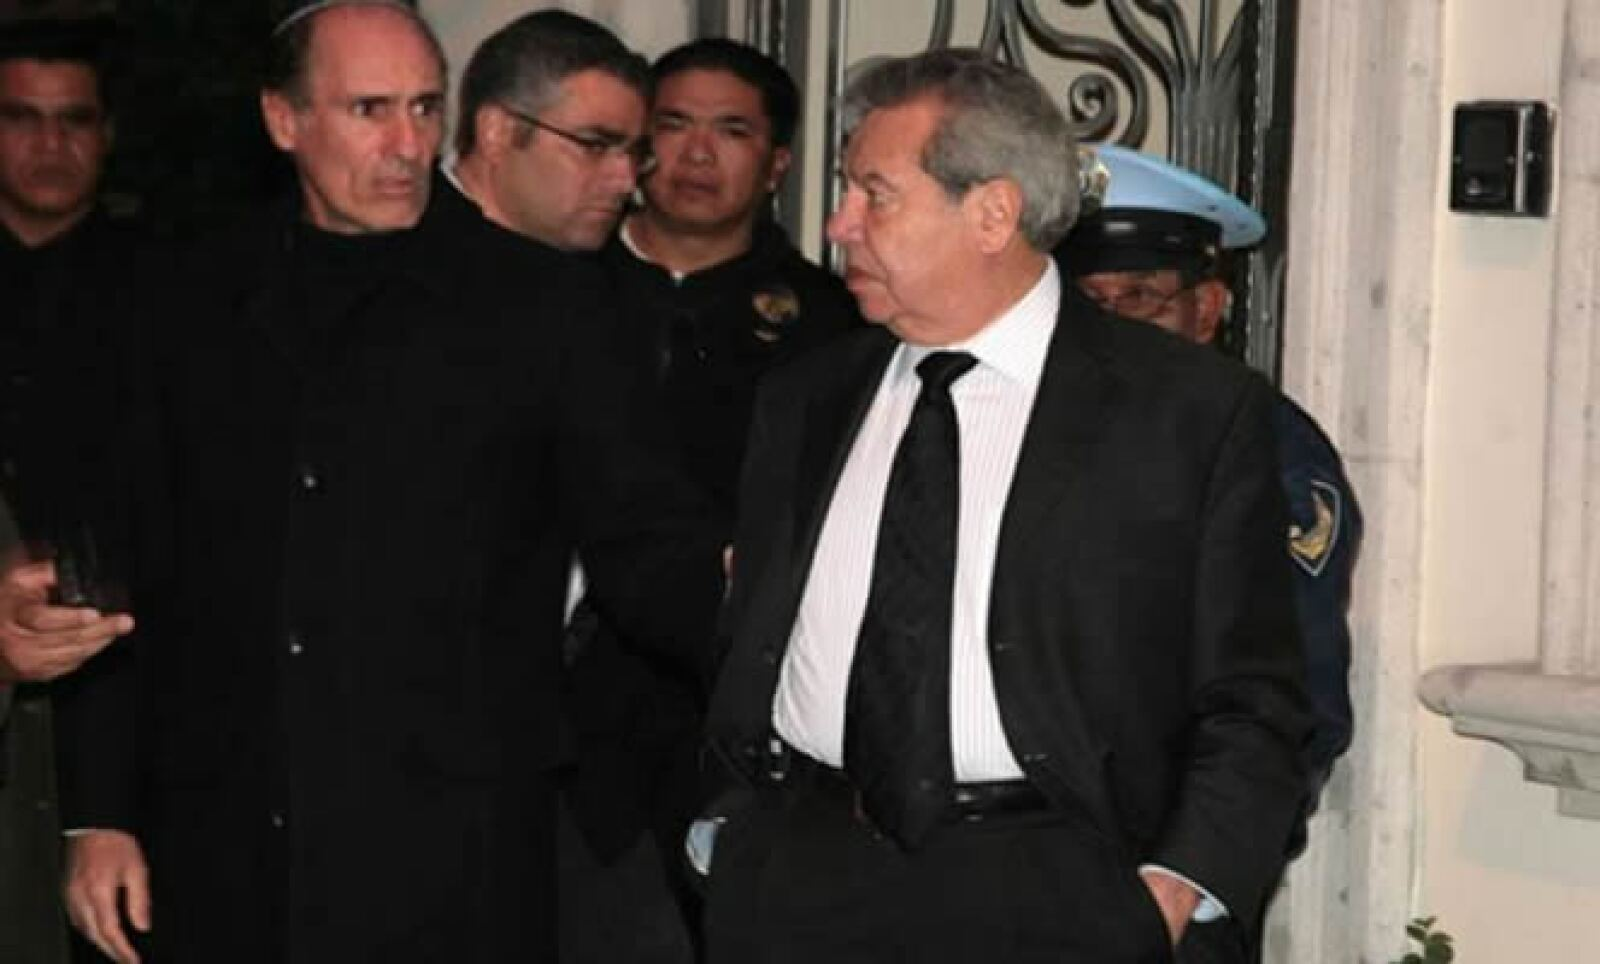 El político Porfirio Muñoz Ledo también asistió al velorio.